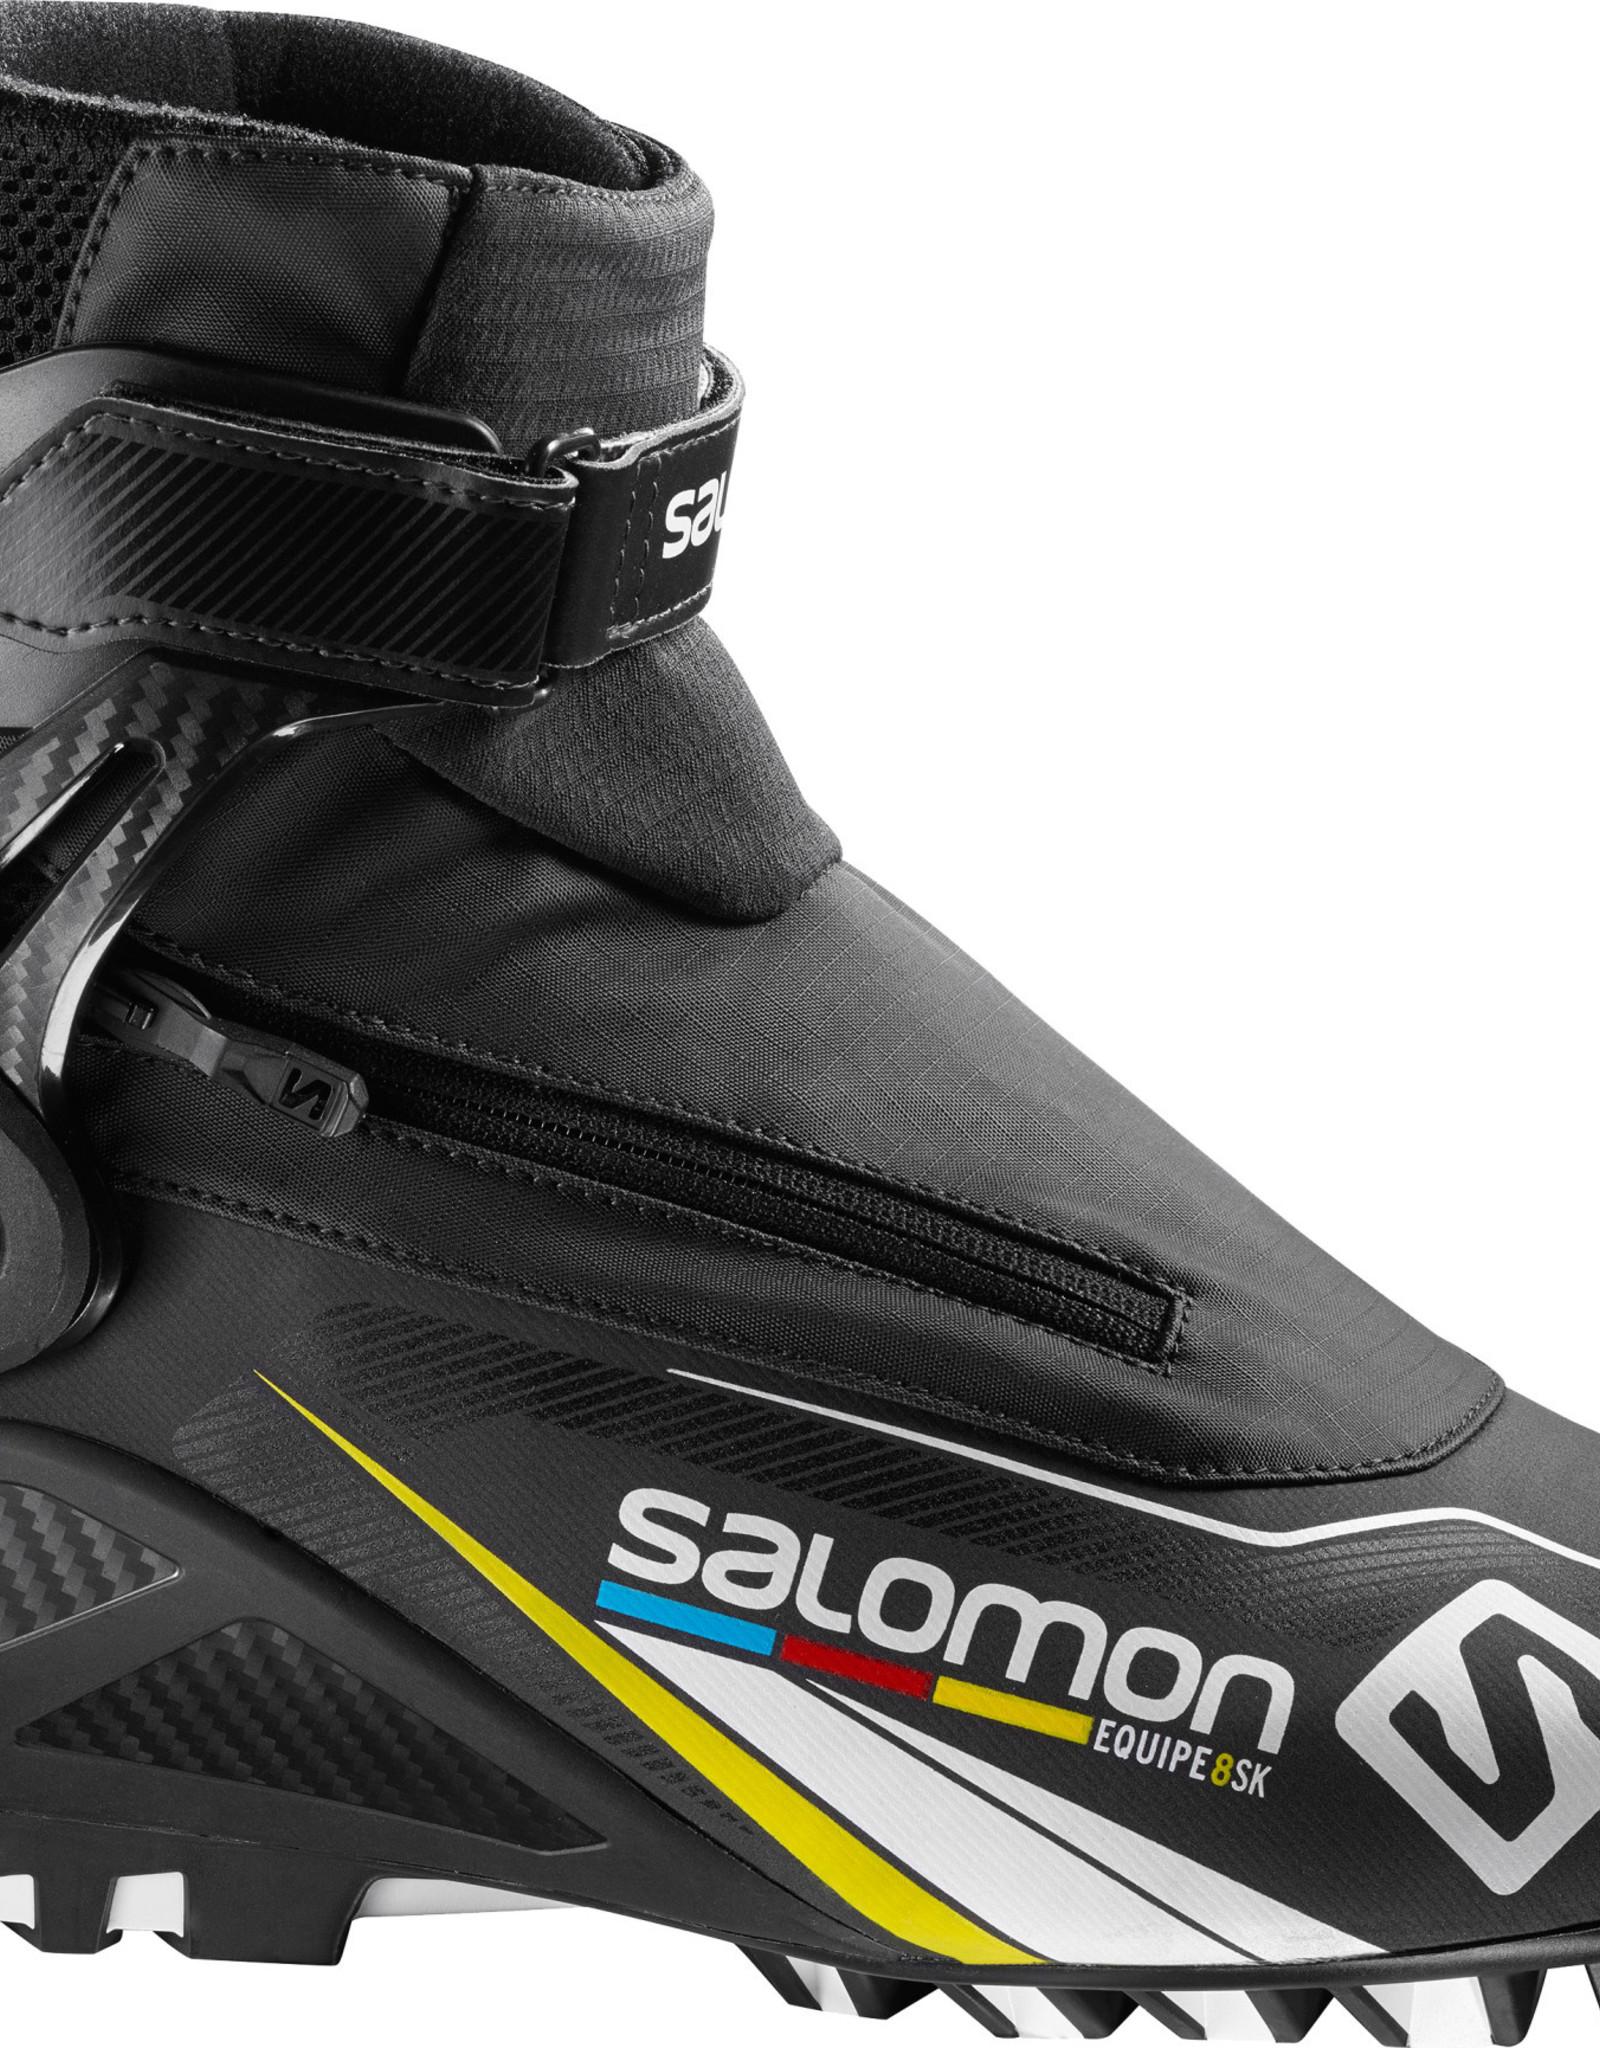 SALOMON SALOMON SNS EQUIPE 8 SKATE